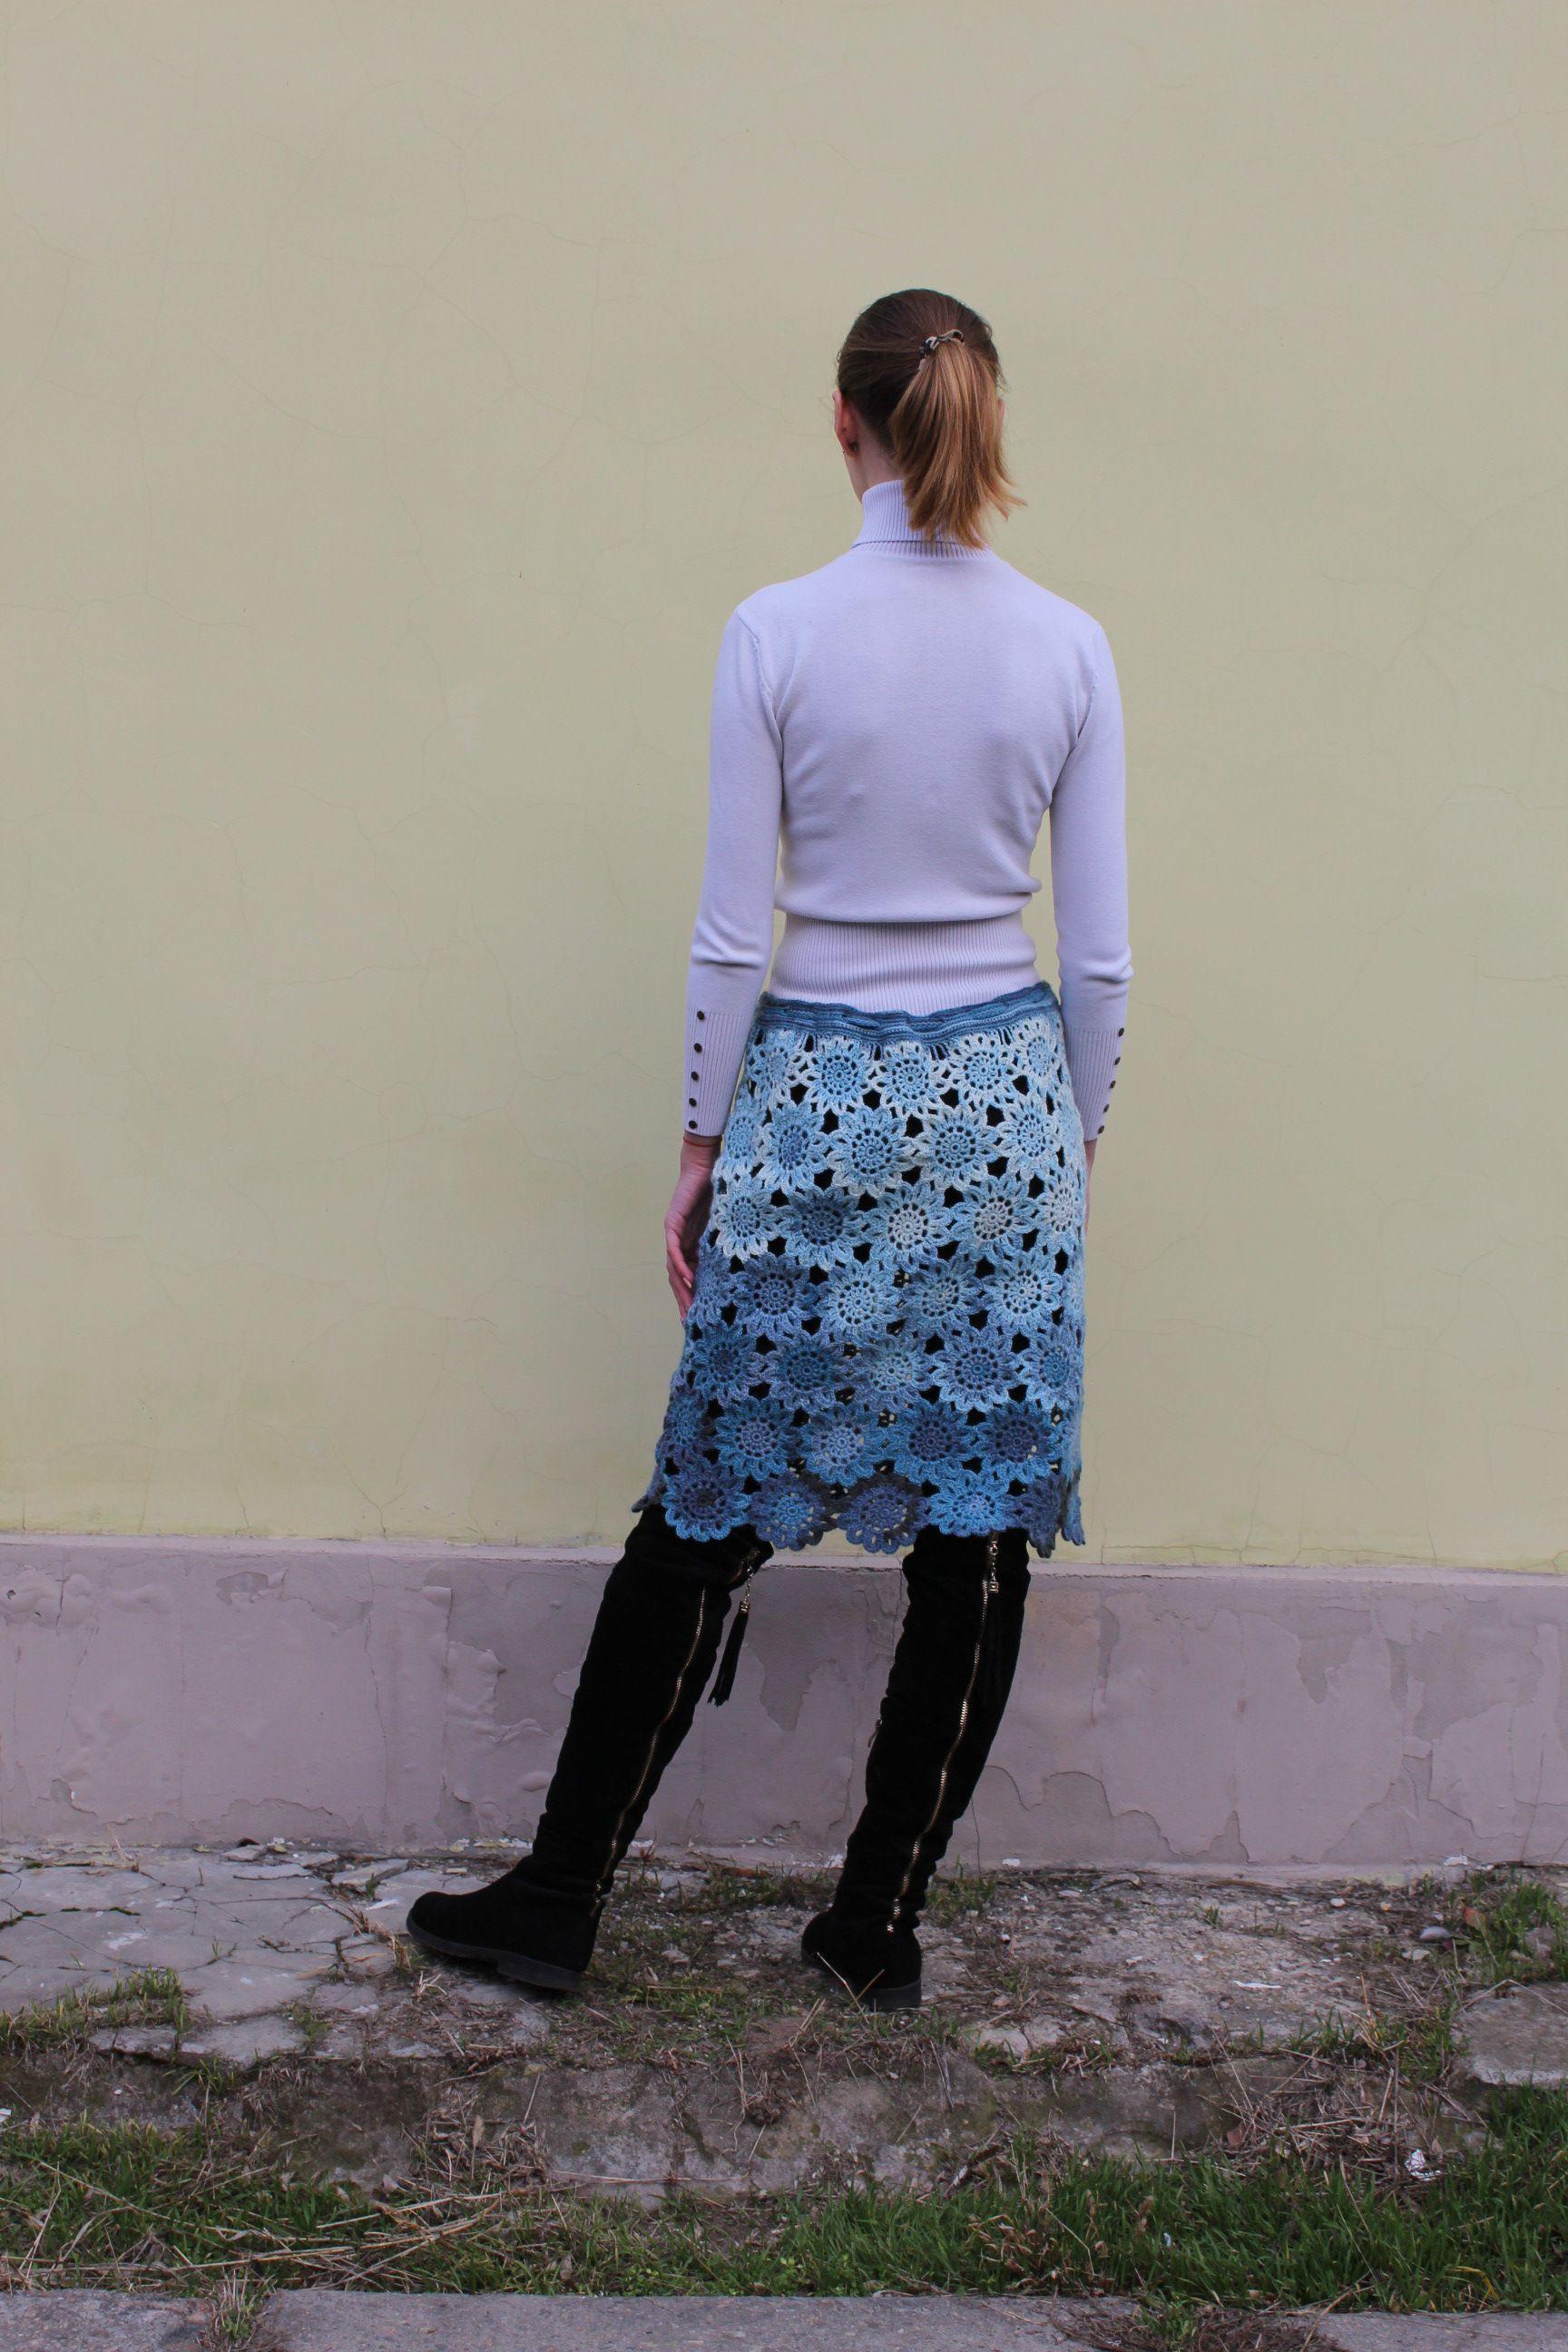 skirt clothes knitting women blue